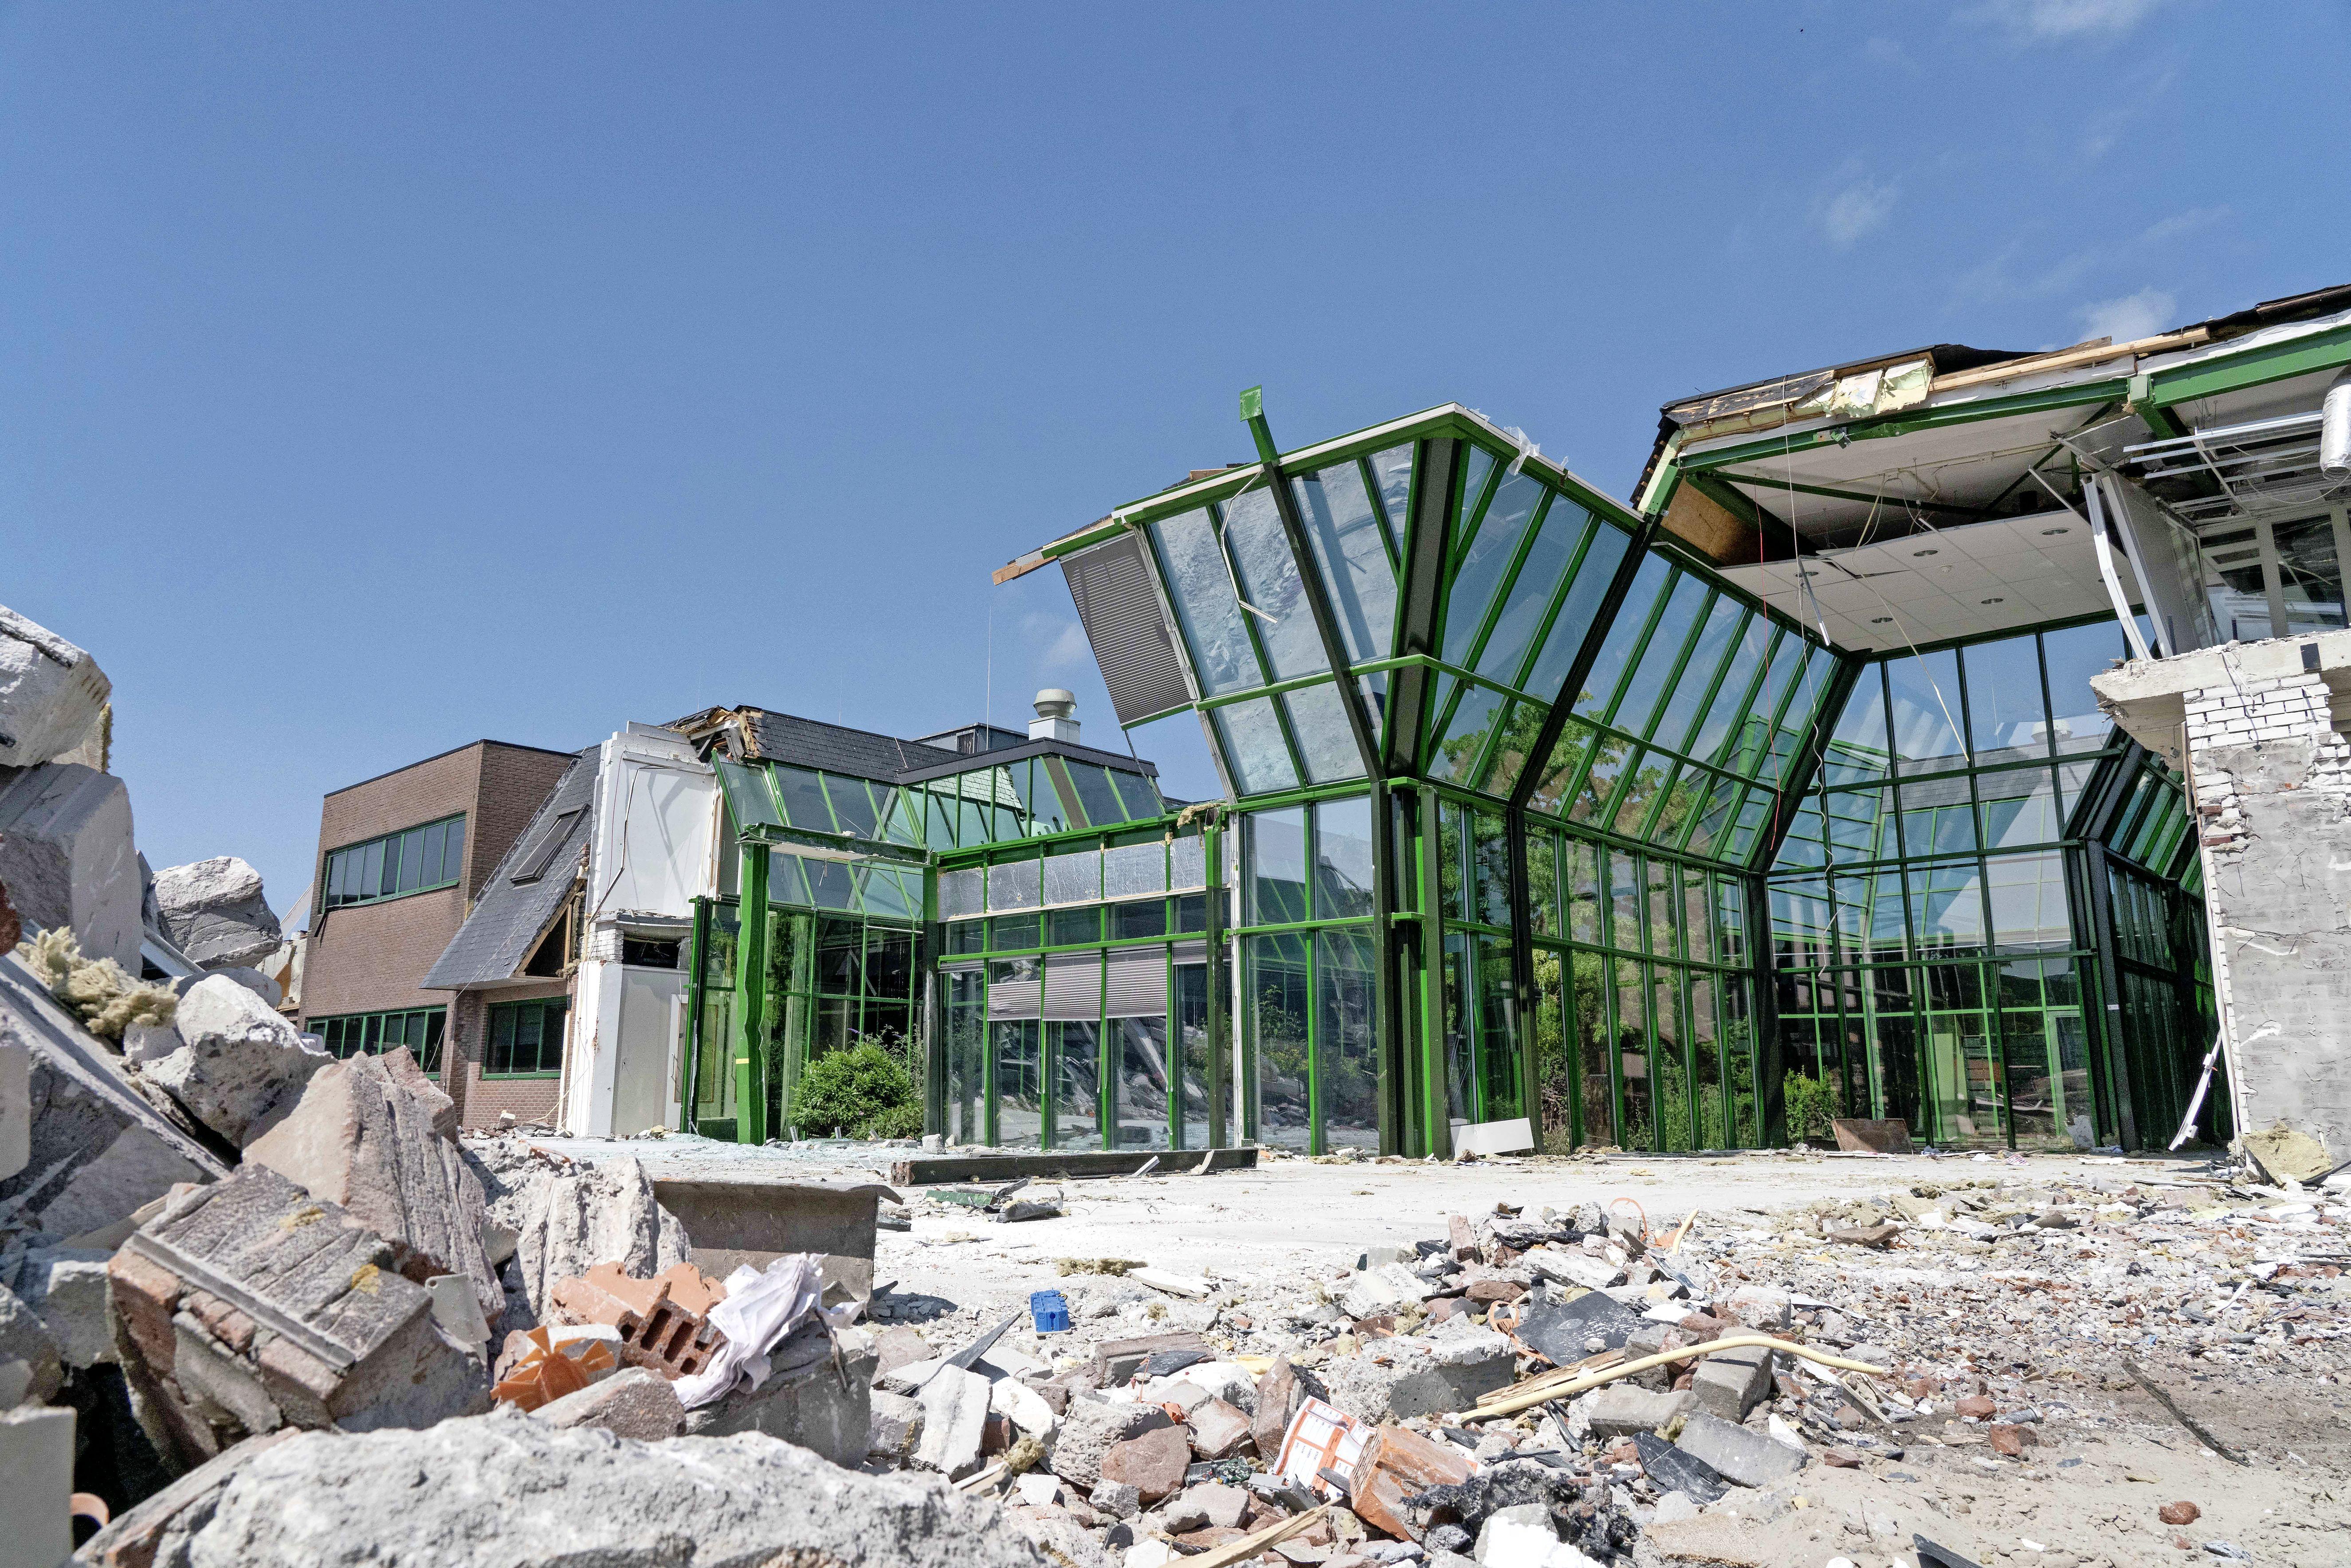 Sloopmachines draaien op volle toeren bij Bejo; kantoor in Warmenhuizen over twee weken helemaal plat. Nieuwbouw in september 2023 klaar, kantoorpersoneel tot dan in Broek op Langedijk